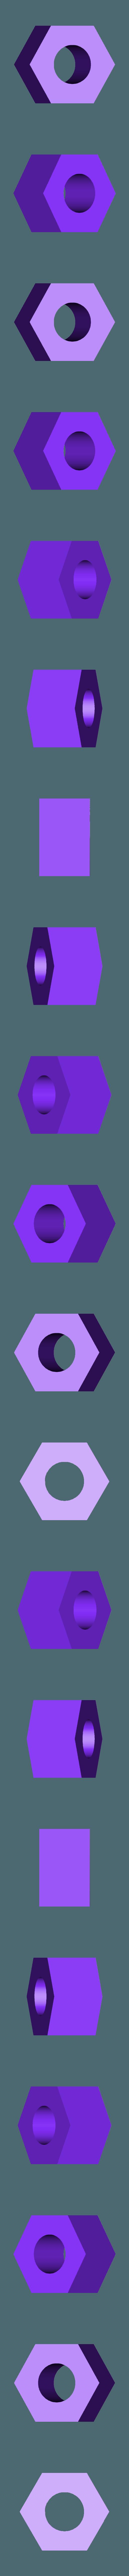 standoff_customizable_04_20190501-55-1usz98a.stl Télécharger fichier STL gratuit Brushless Shutter Bug • Plan pour impression 3D, noctaro